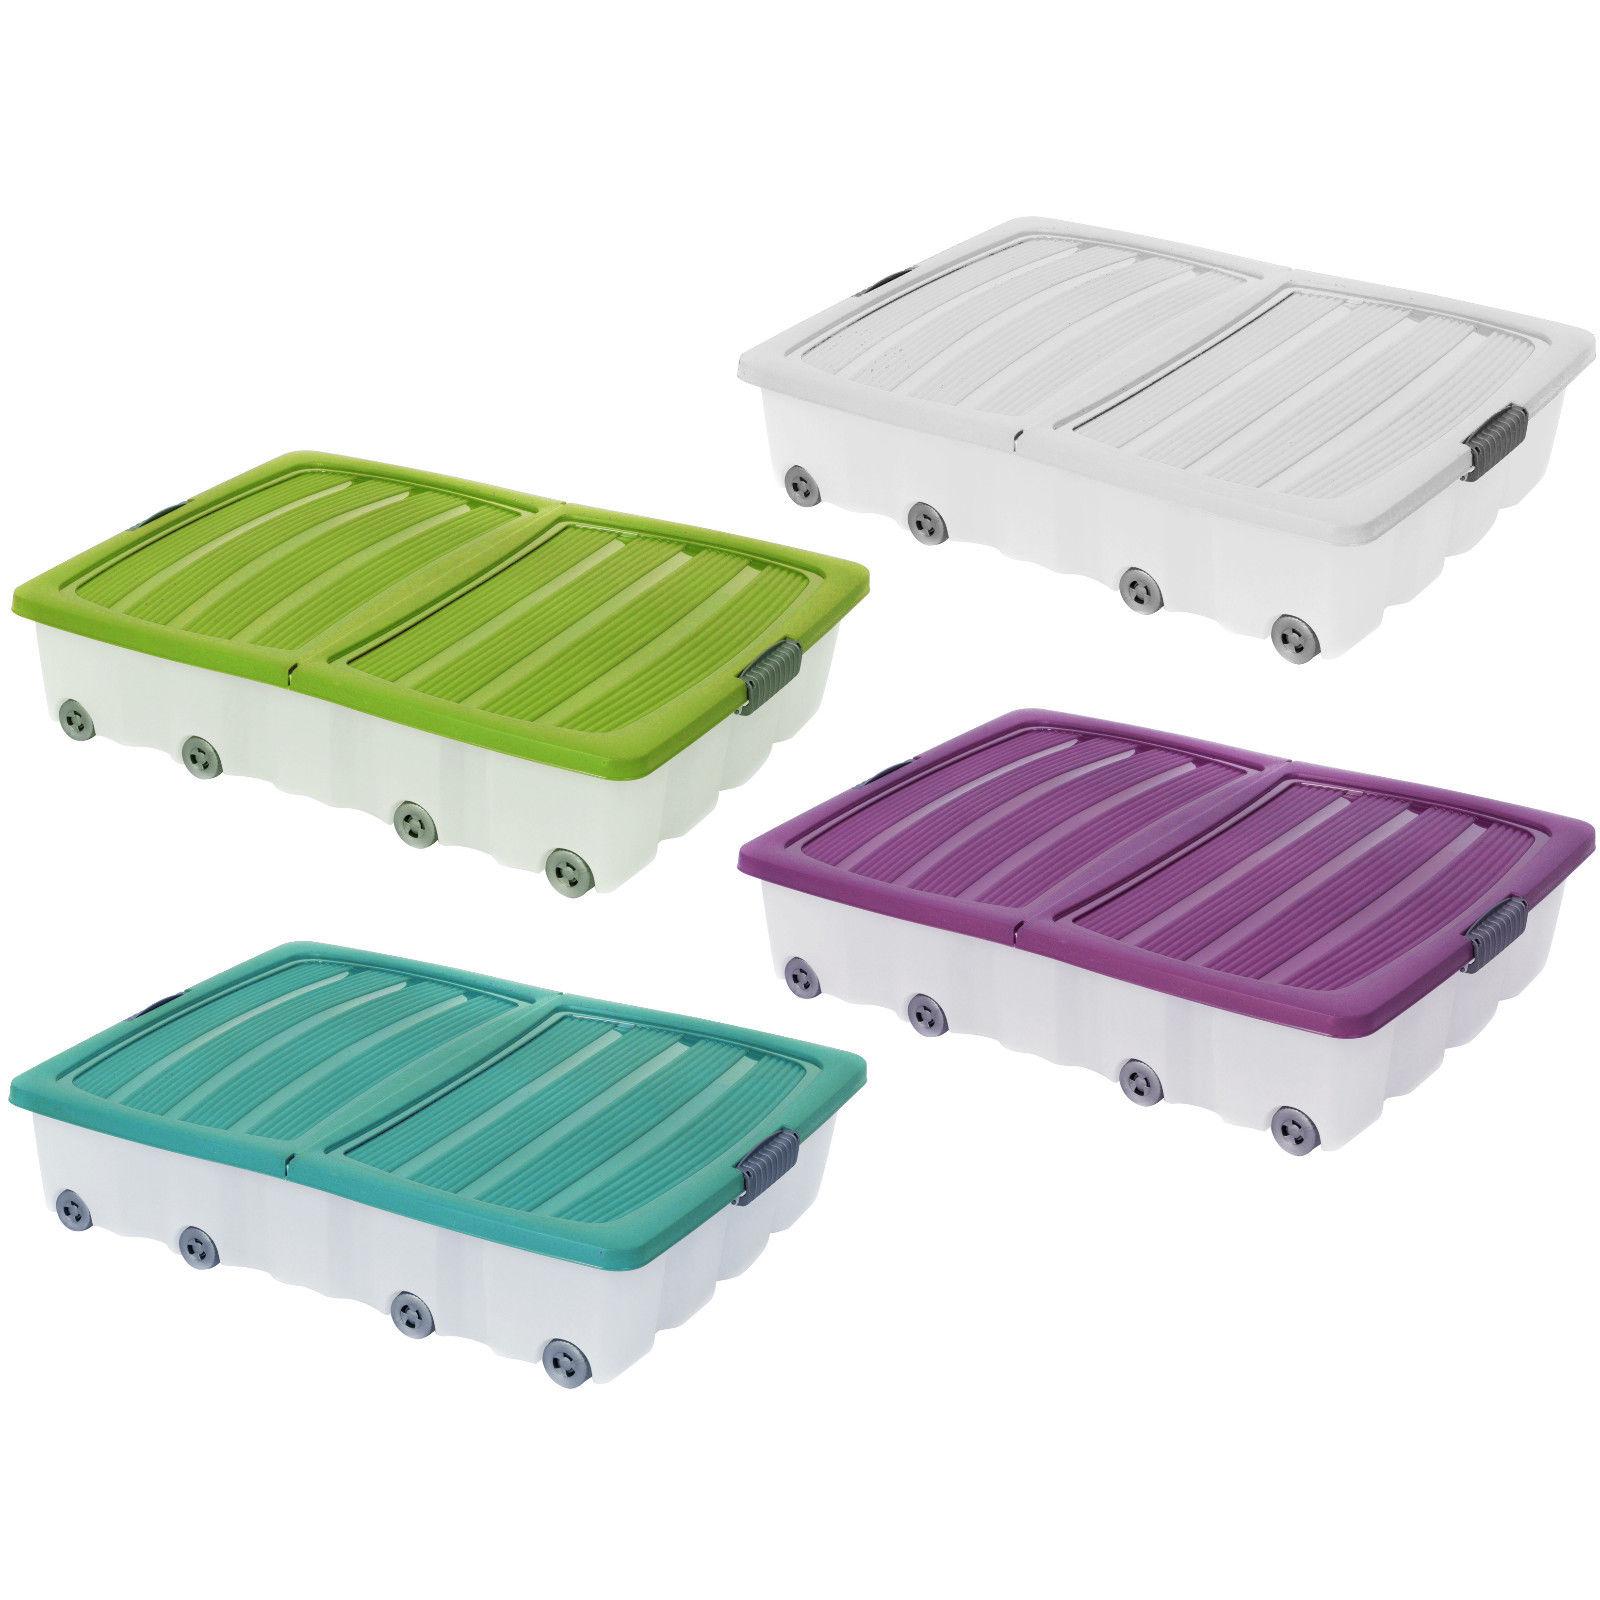 xxl 60 l unterbettkommode unterbettbox rollen box spielzeugkiste rollbox deckel ebay